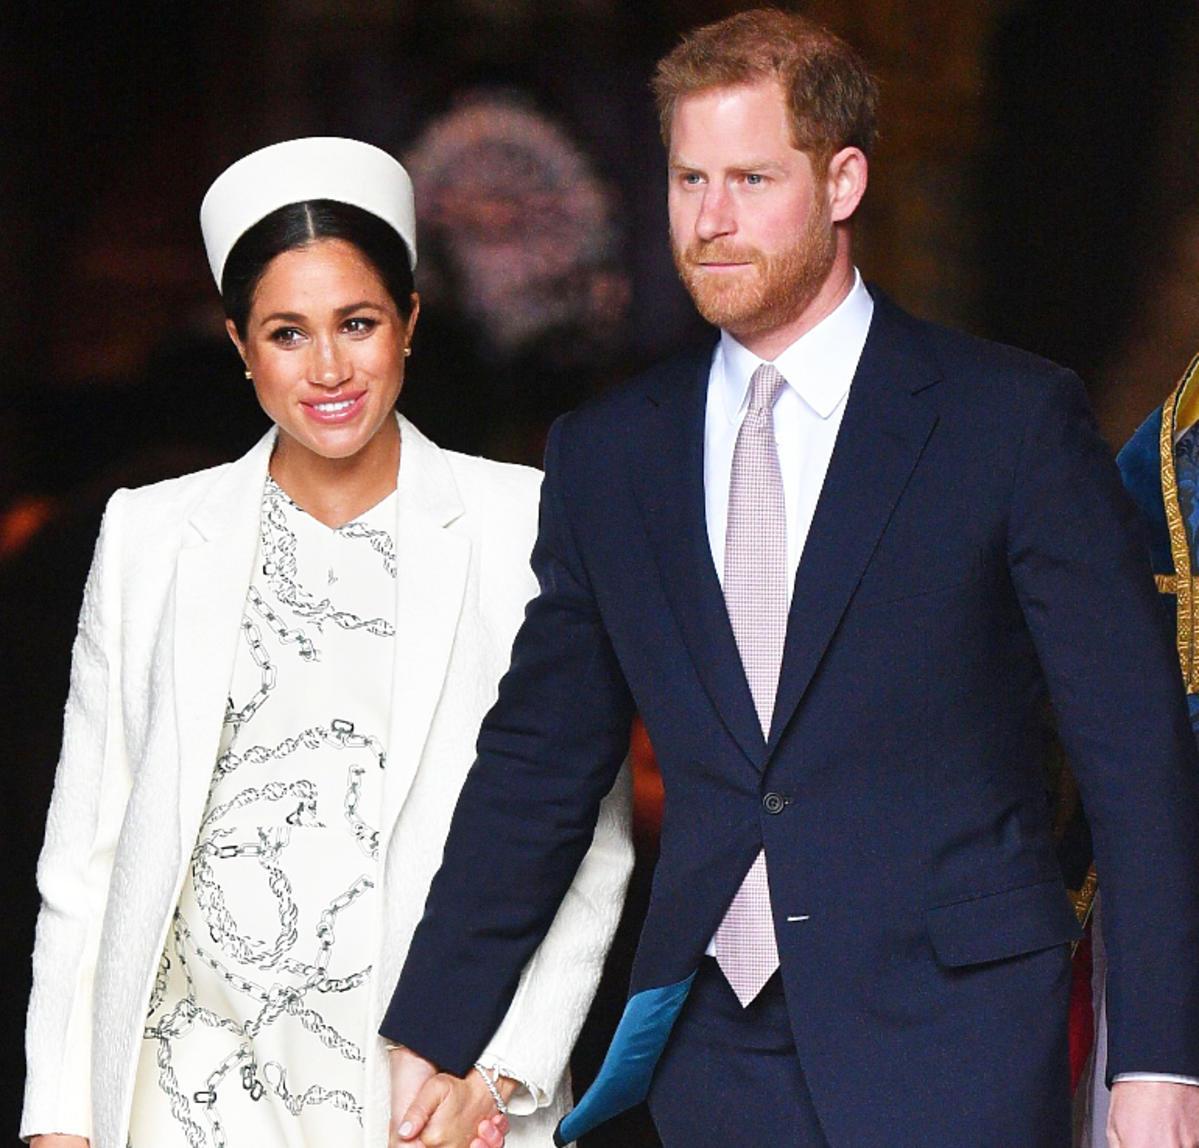 Meghan Markle w białej stylizacji z księciem Harrym